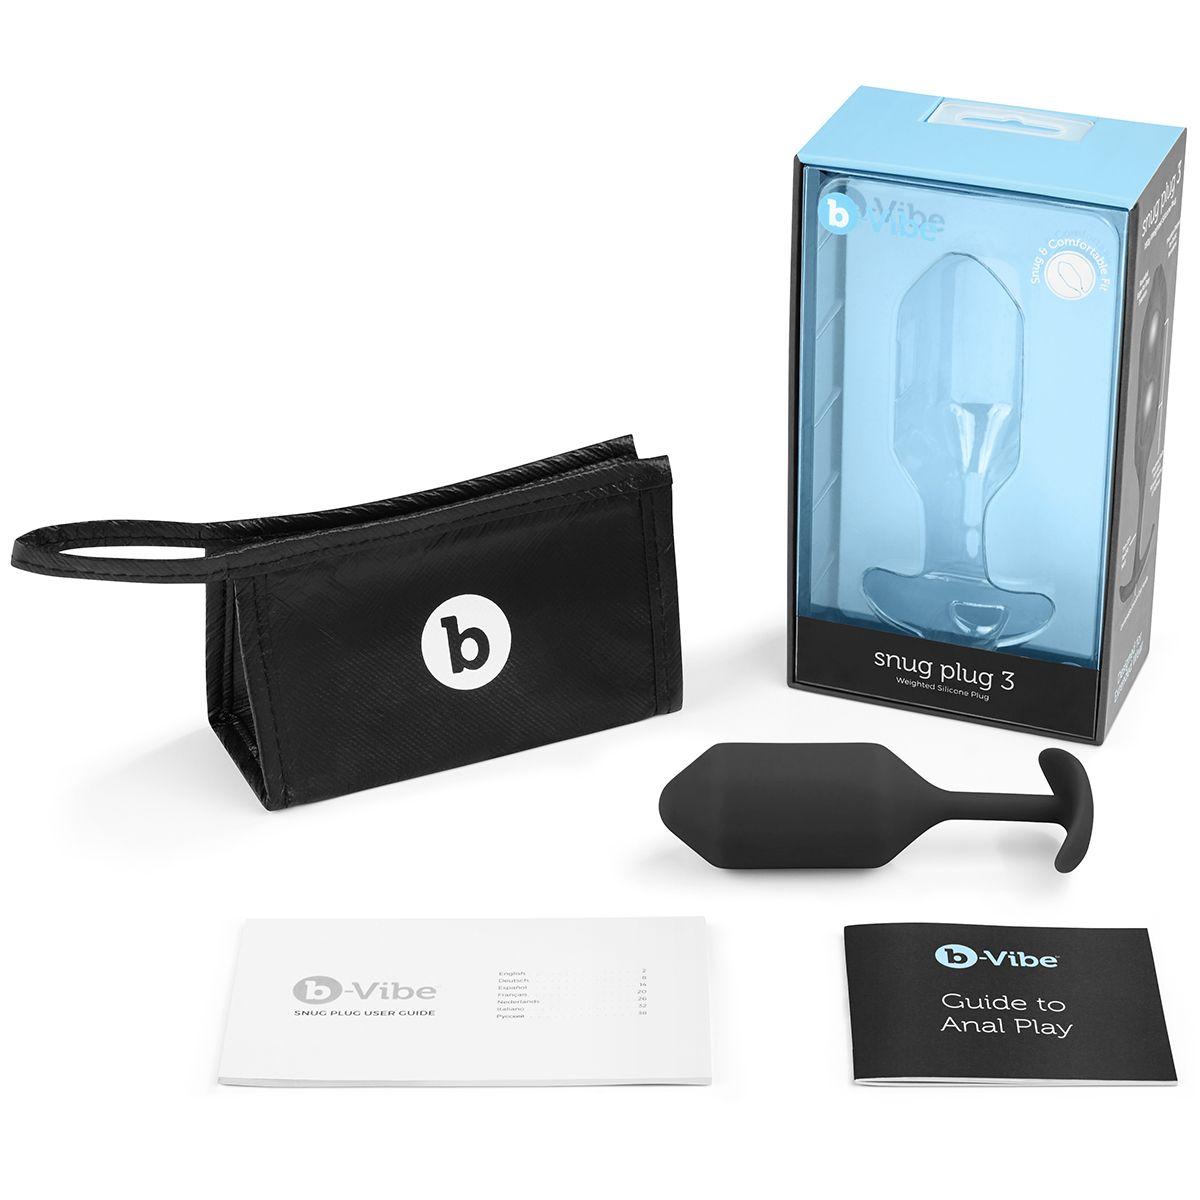 Чёрная пробка для ношения B-vibe Snug Plug 3 - 12,7 см. - фото 159602